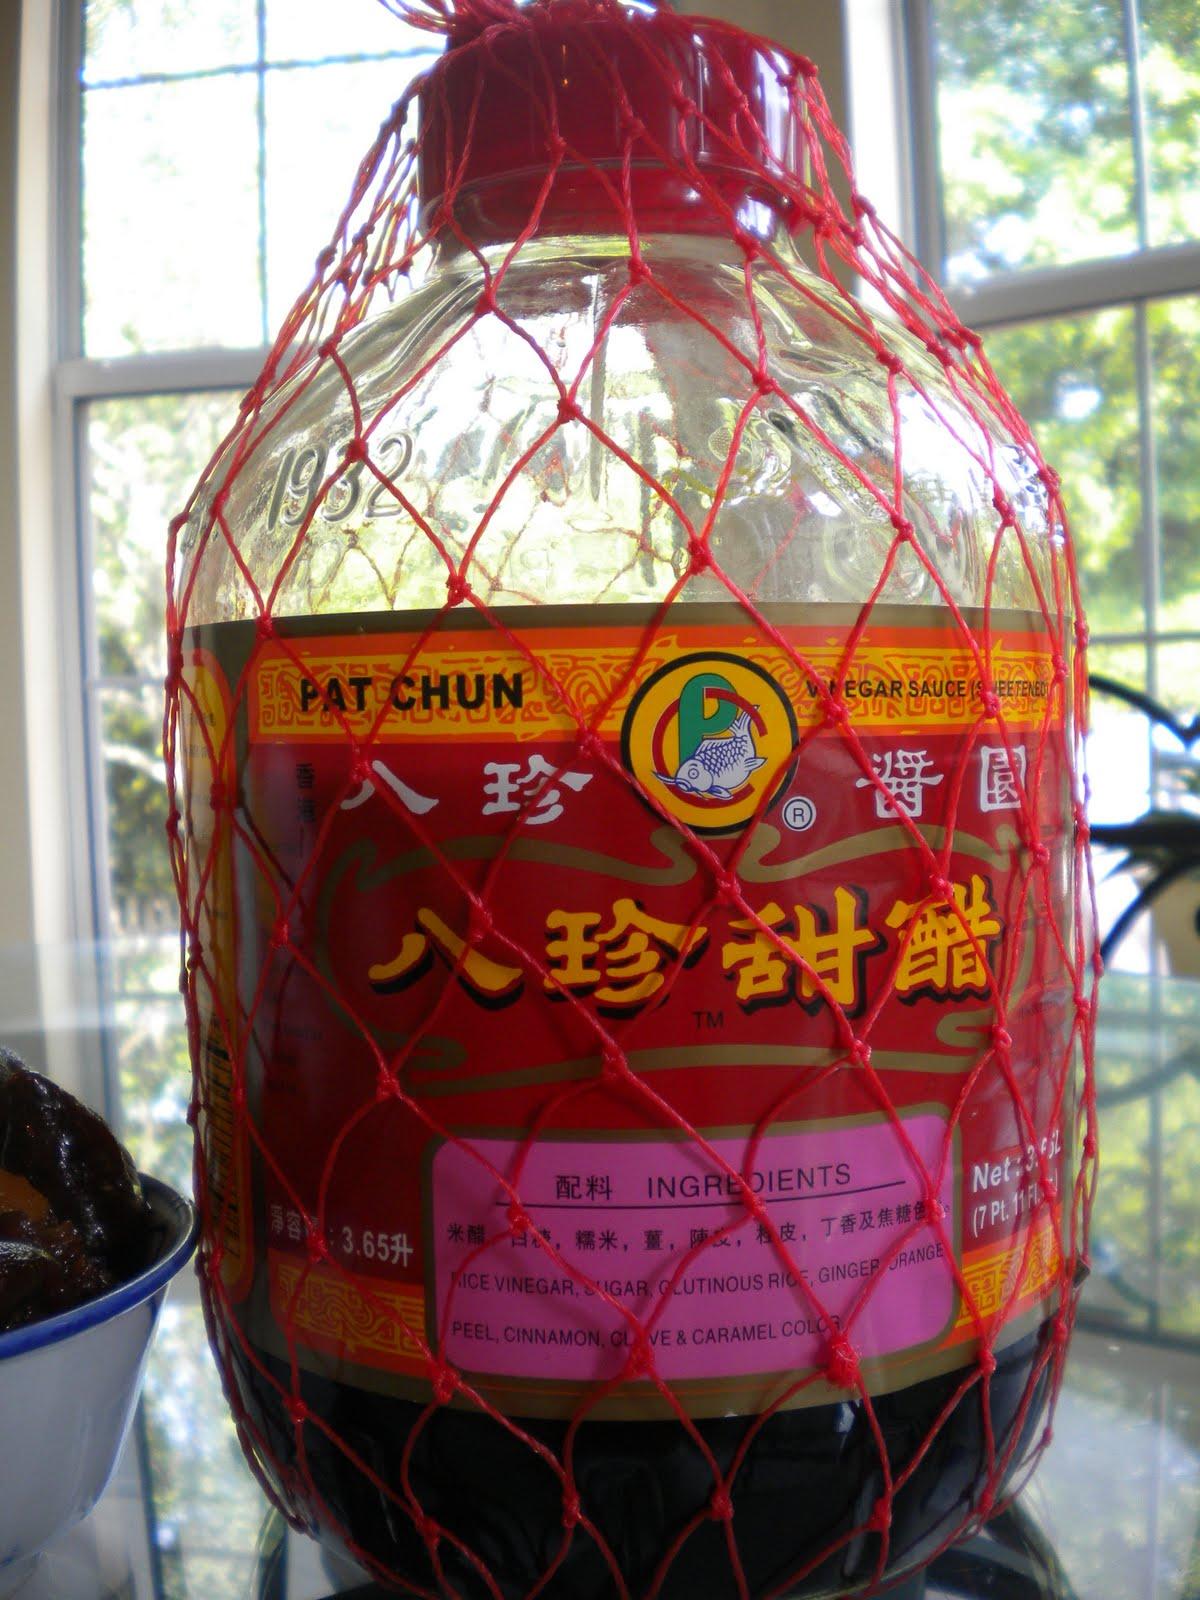 pat chun sweet vinegar